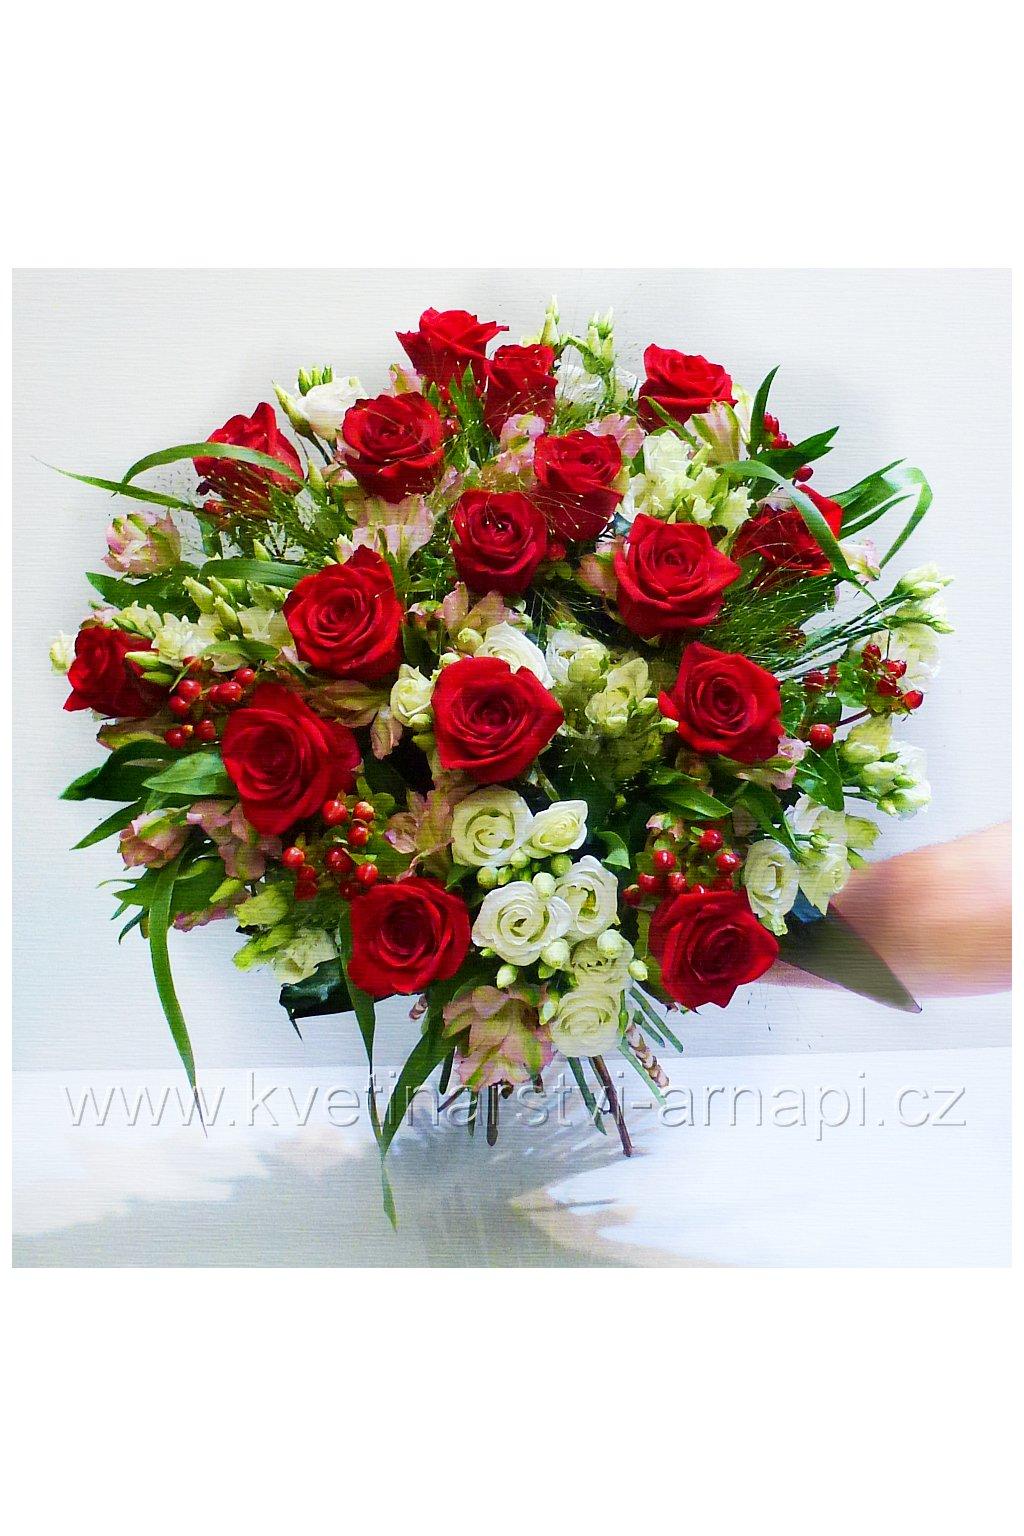 kytice darkova ruze kvetiny kvetinarstvi arnapi